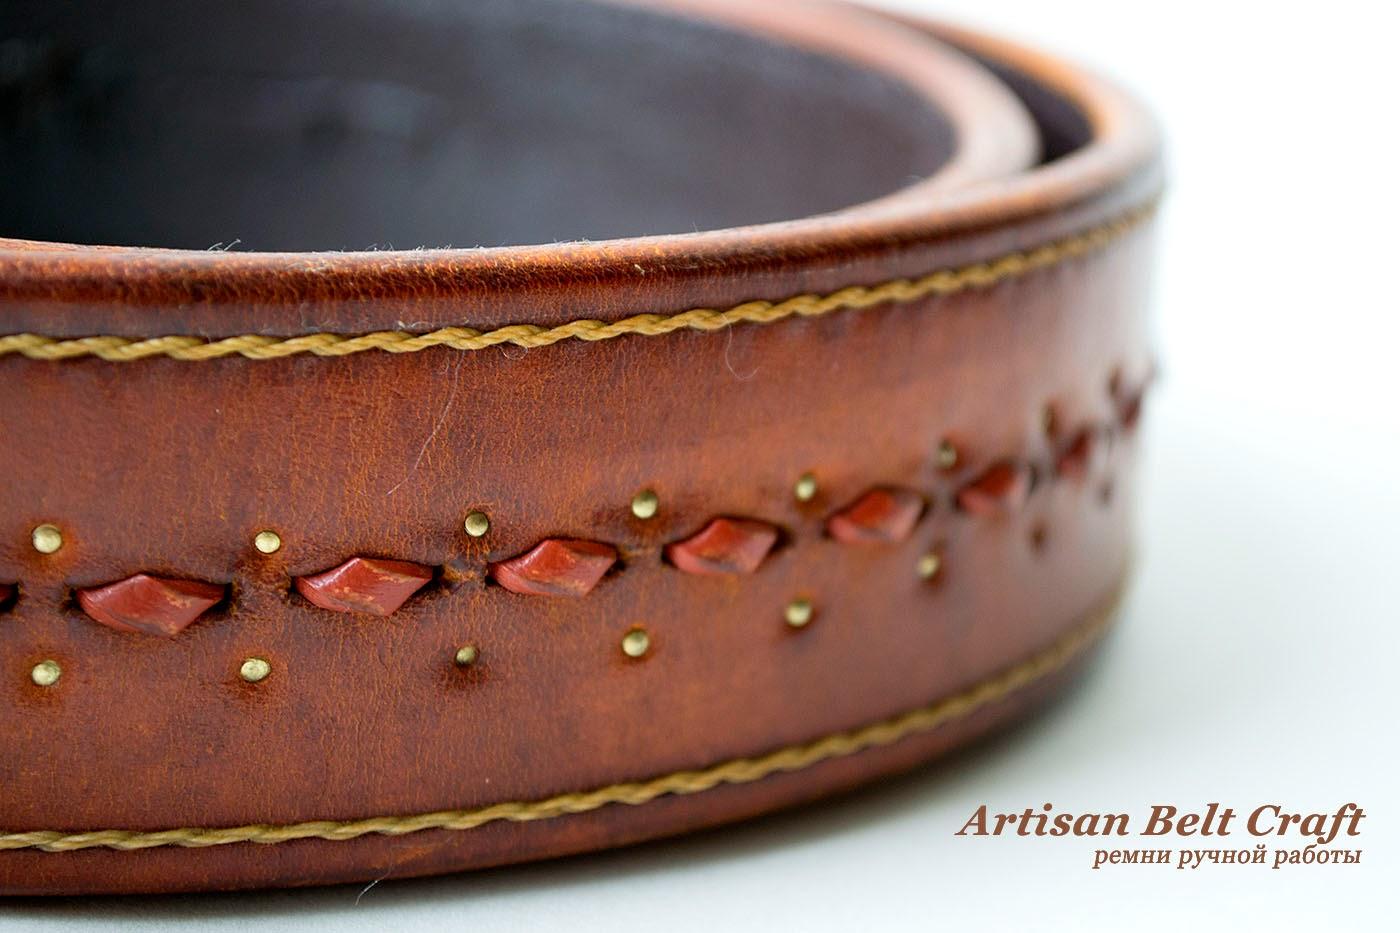 ремень от artisanbeltcraft